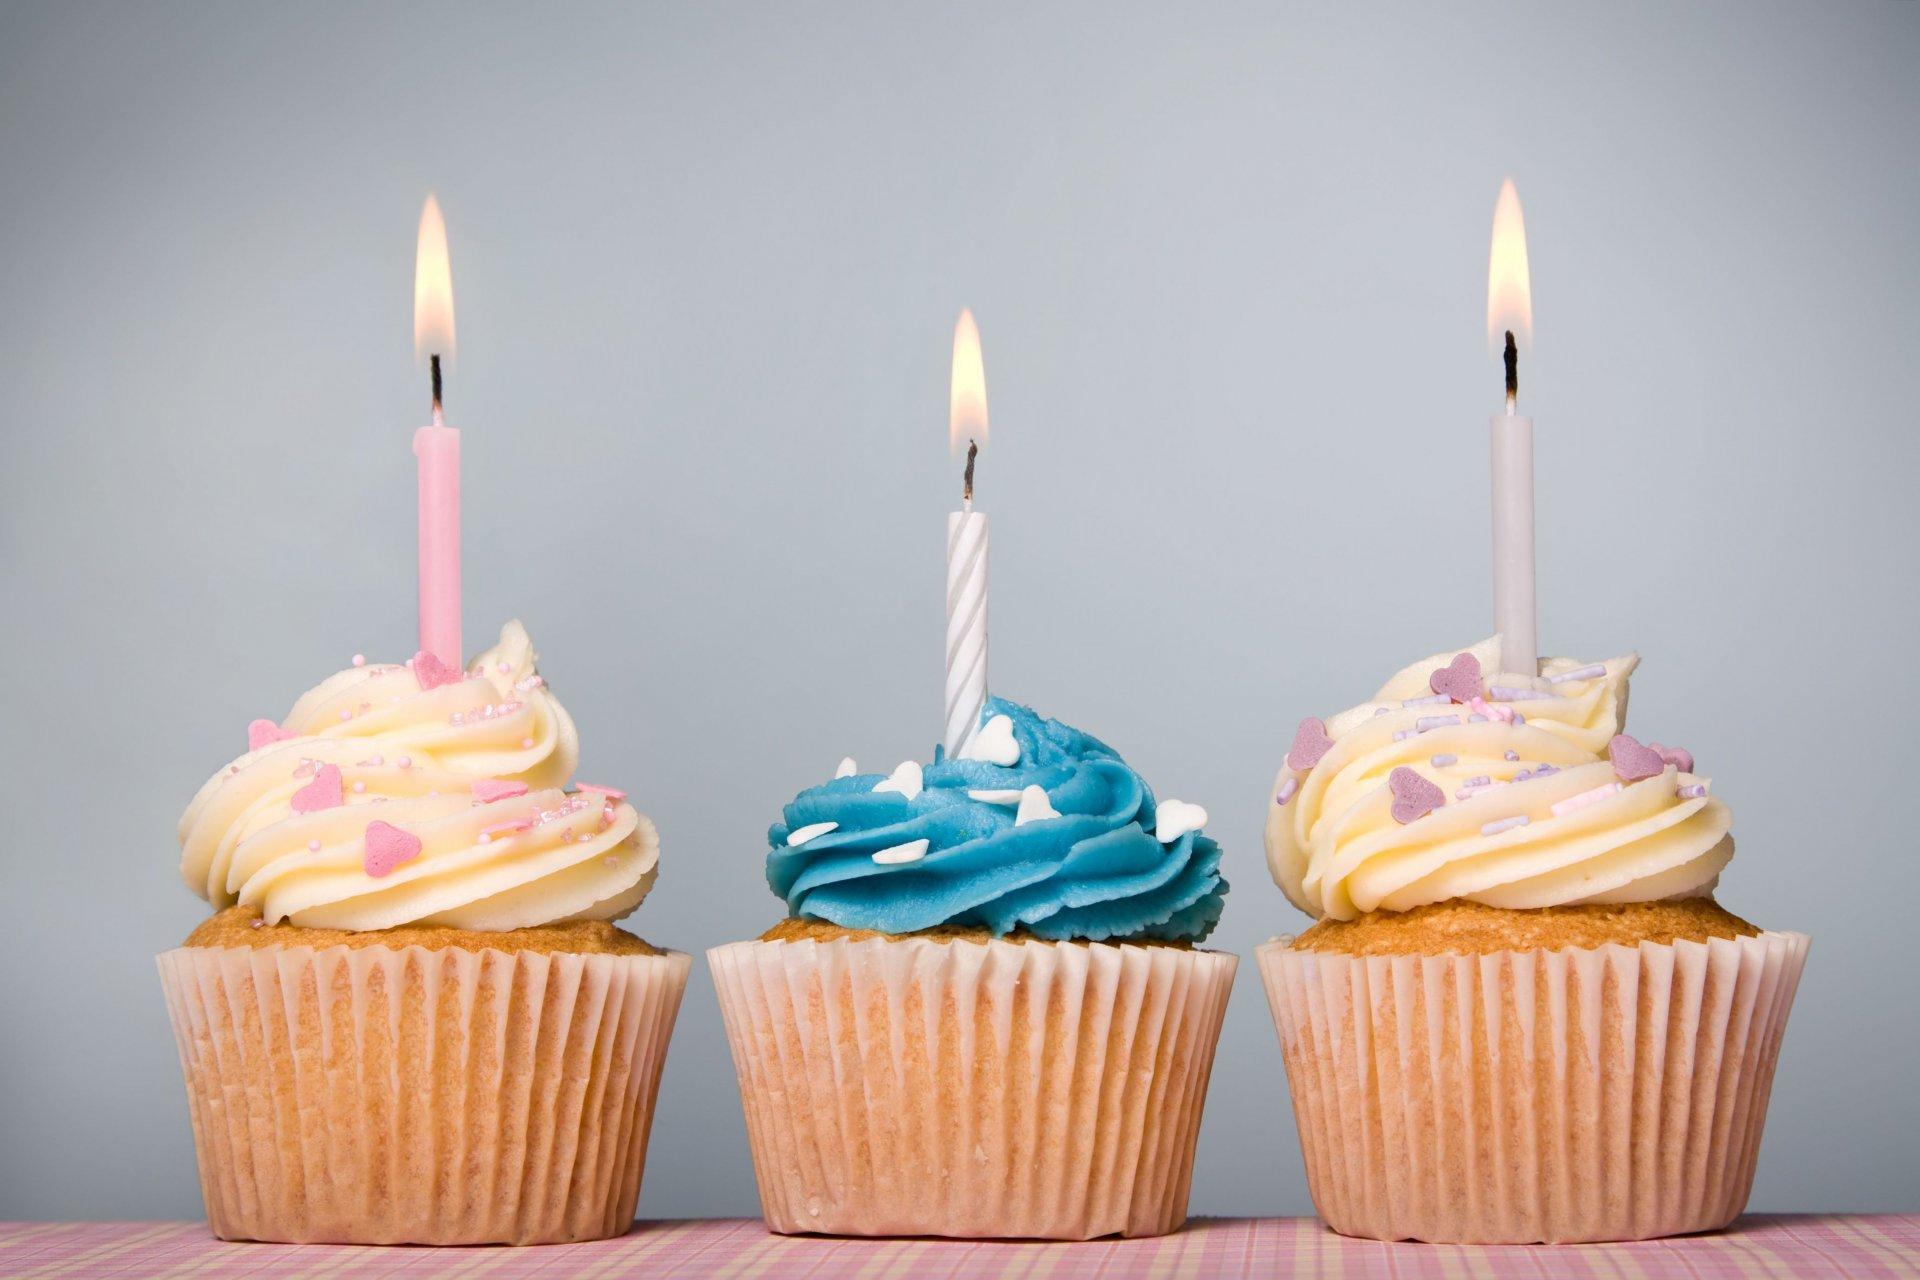 Цветы, картинки торт со свечами 3 года